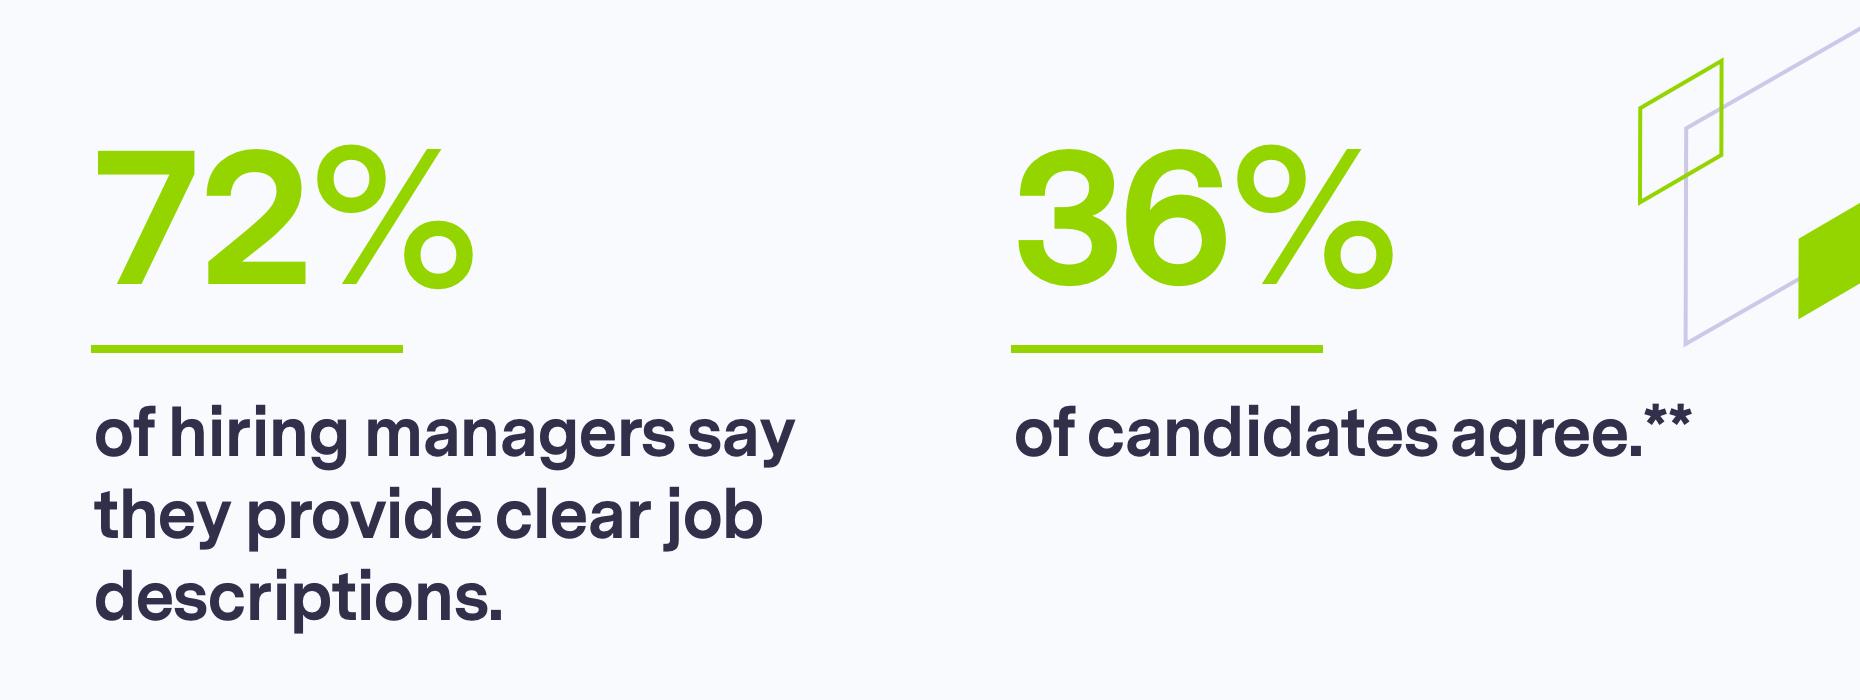 Stats on job descriptions